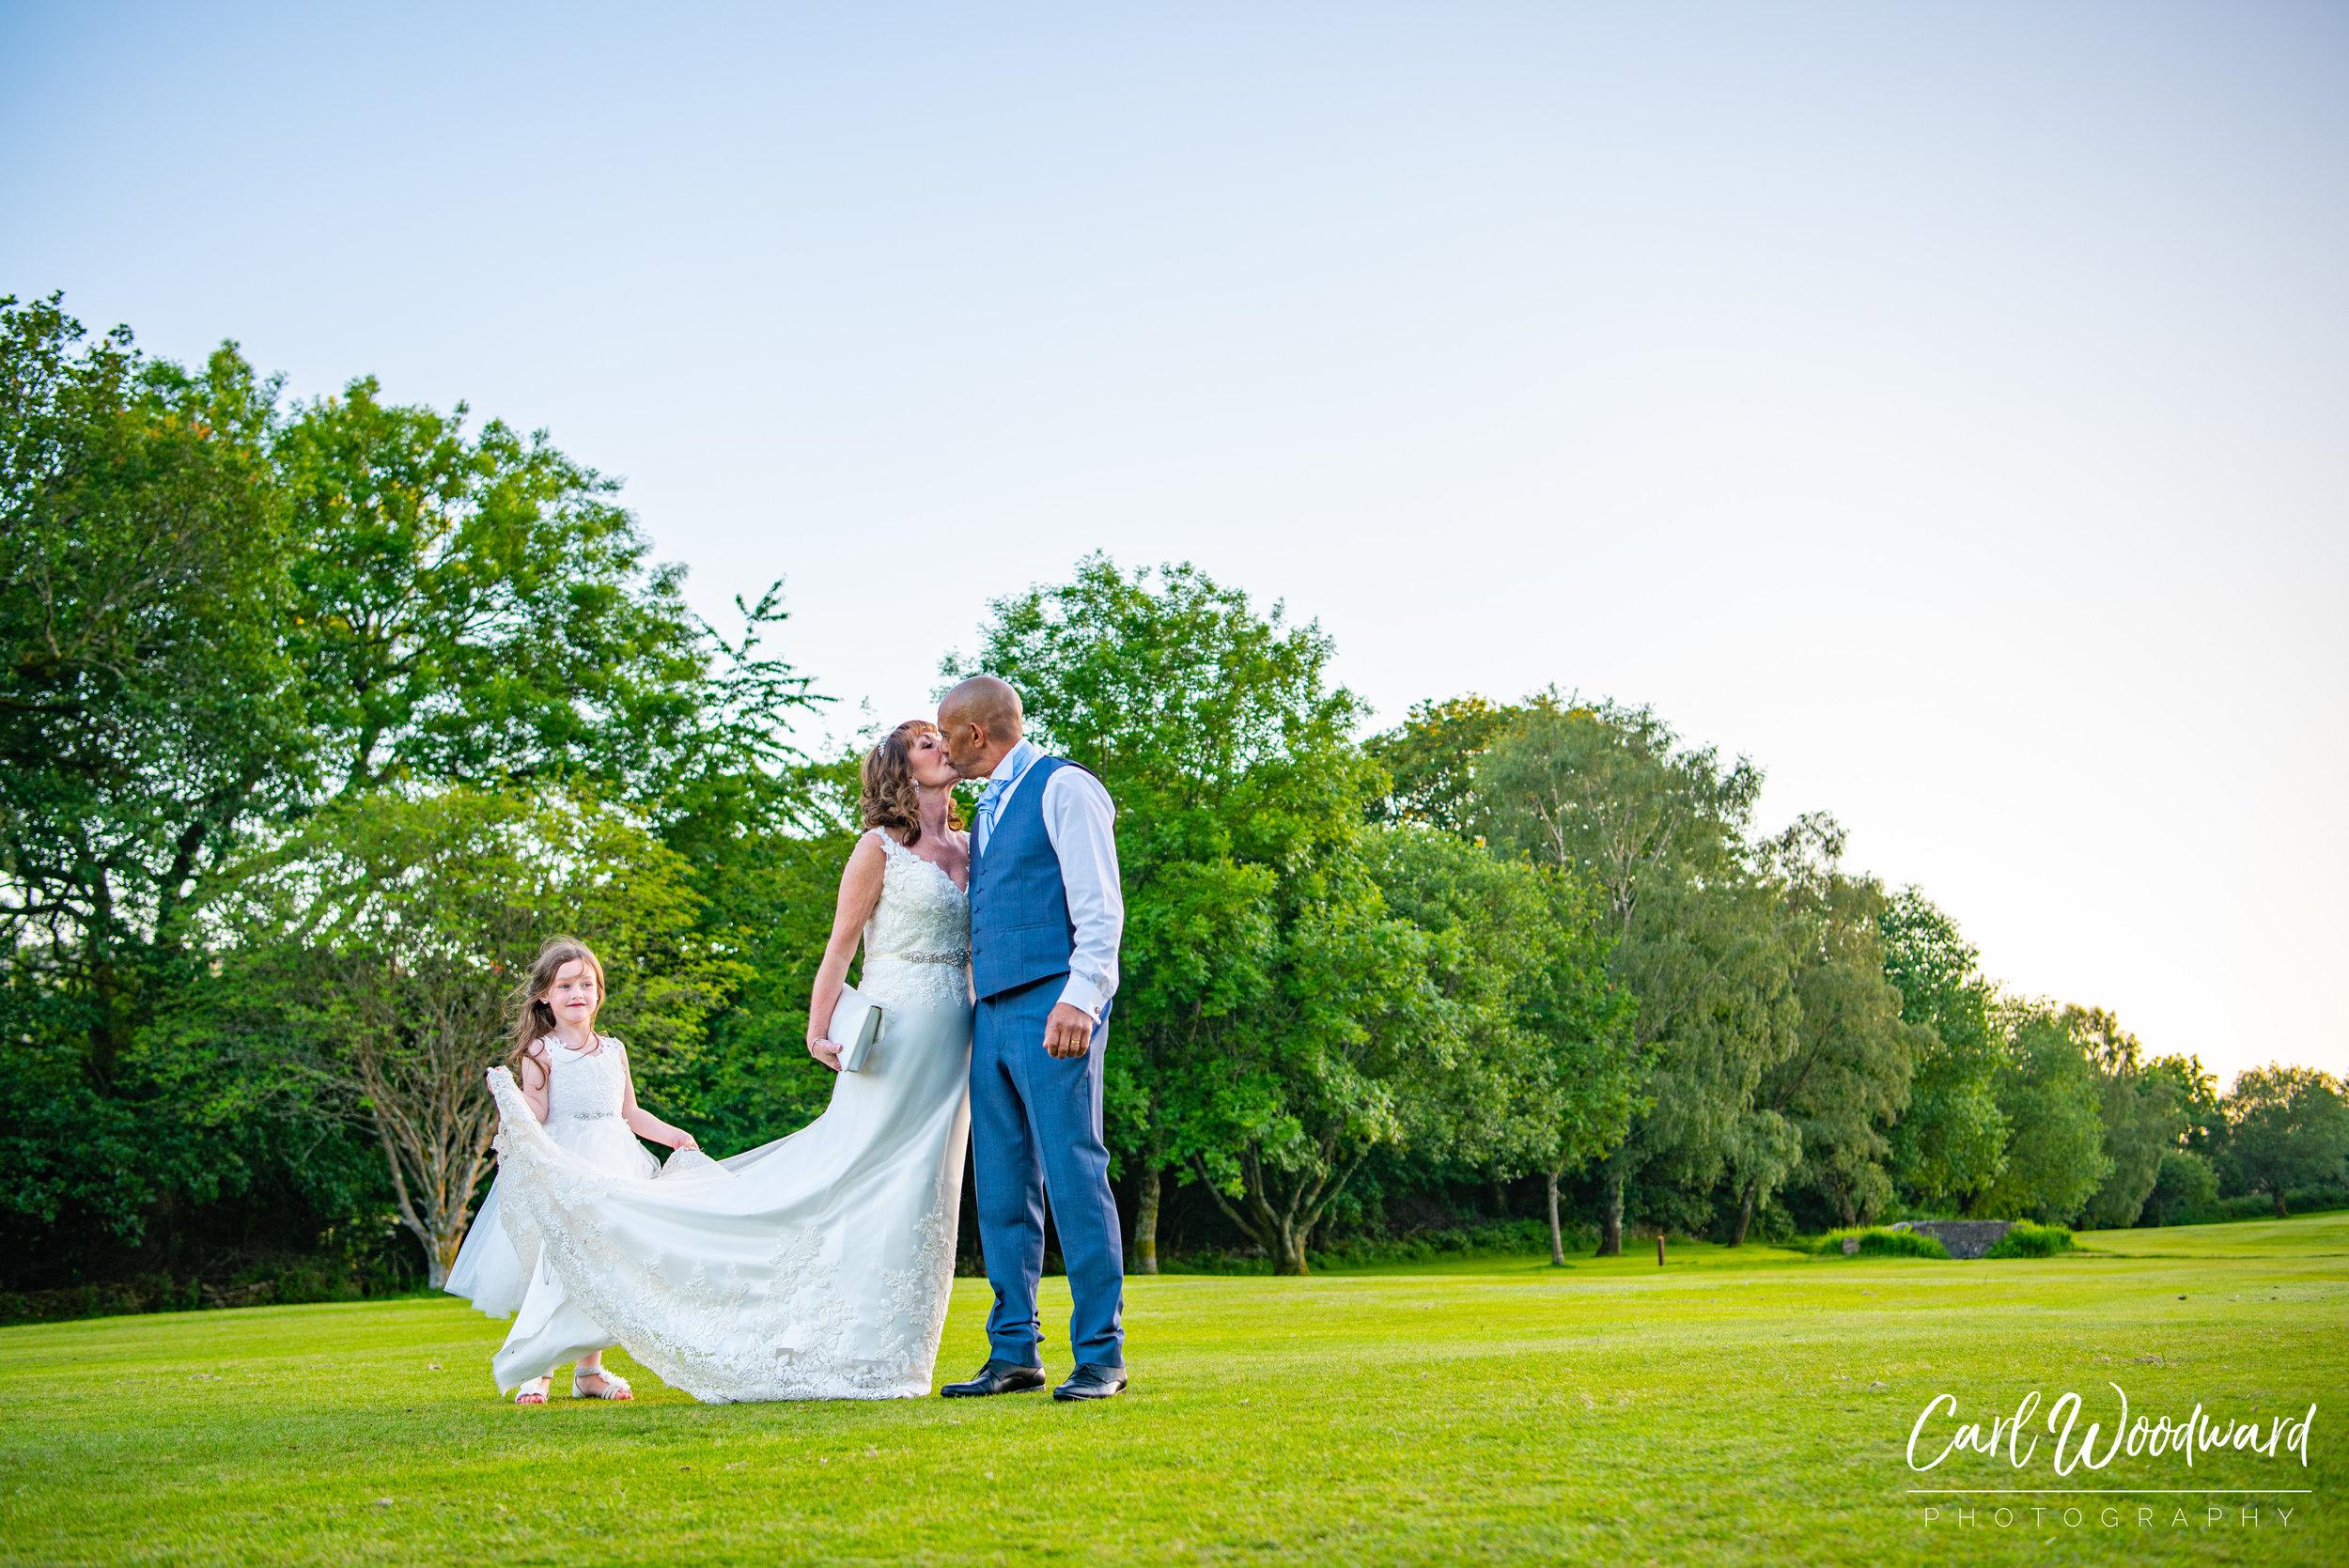 017-Mountain-Ash-Golf-Club-Wedding-Cardiff-Wedding-Photography.jpg